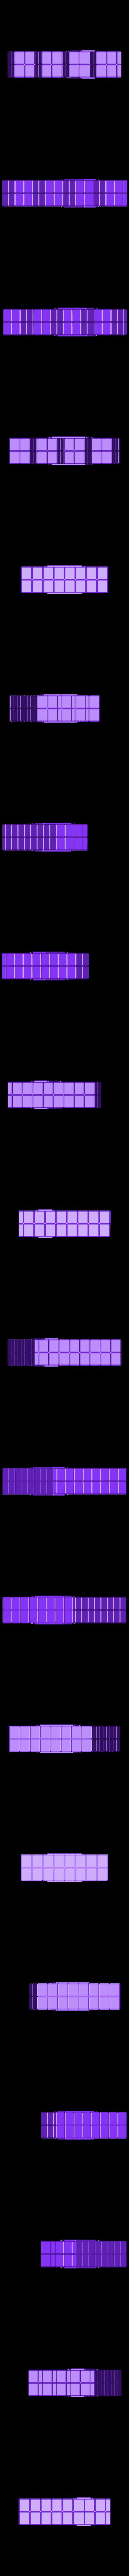 TechnoGothicCornerD.stl Télécharger fichier STL gratuit ScatterBlocks : Murs TechnoGothique (échelle 28mm/32mm) • Plan pour impression 3D, Dutchmogul